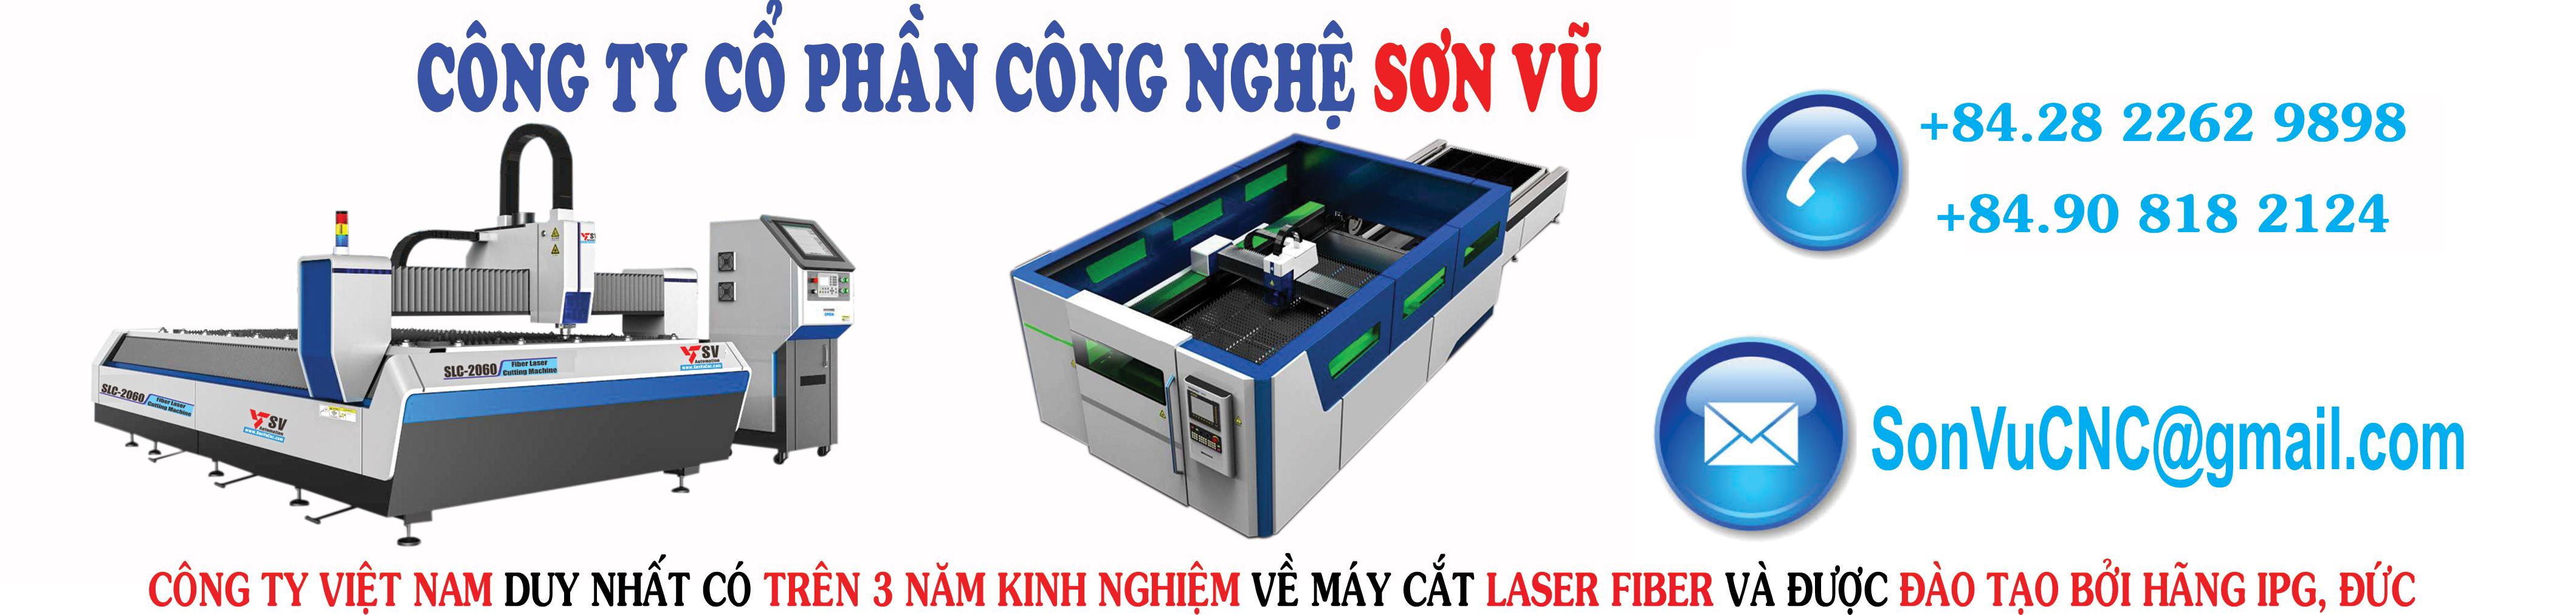 Máy cắt Laser CNC Sơn Vũ